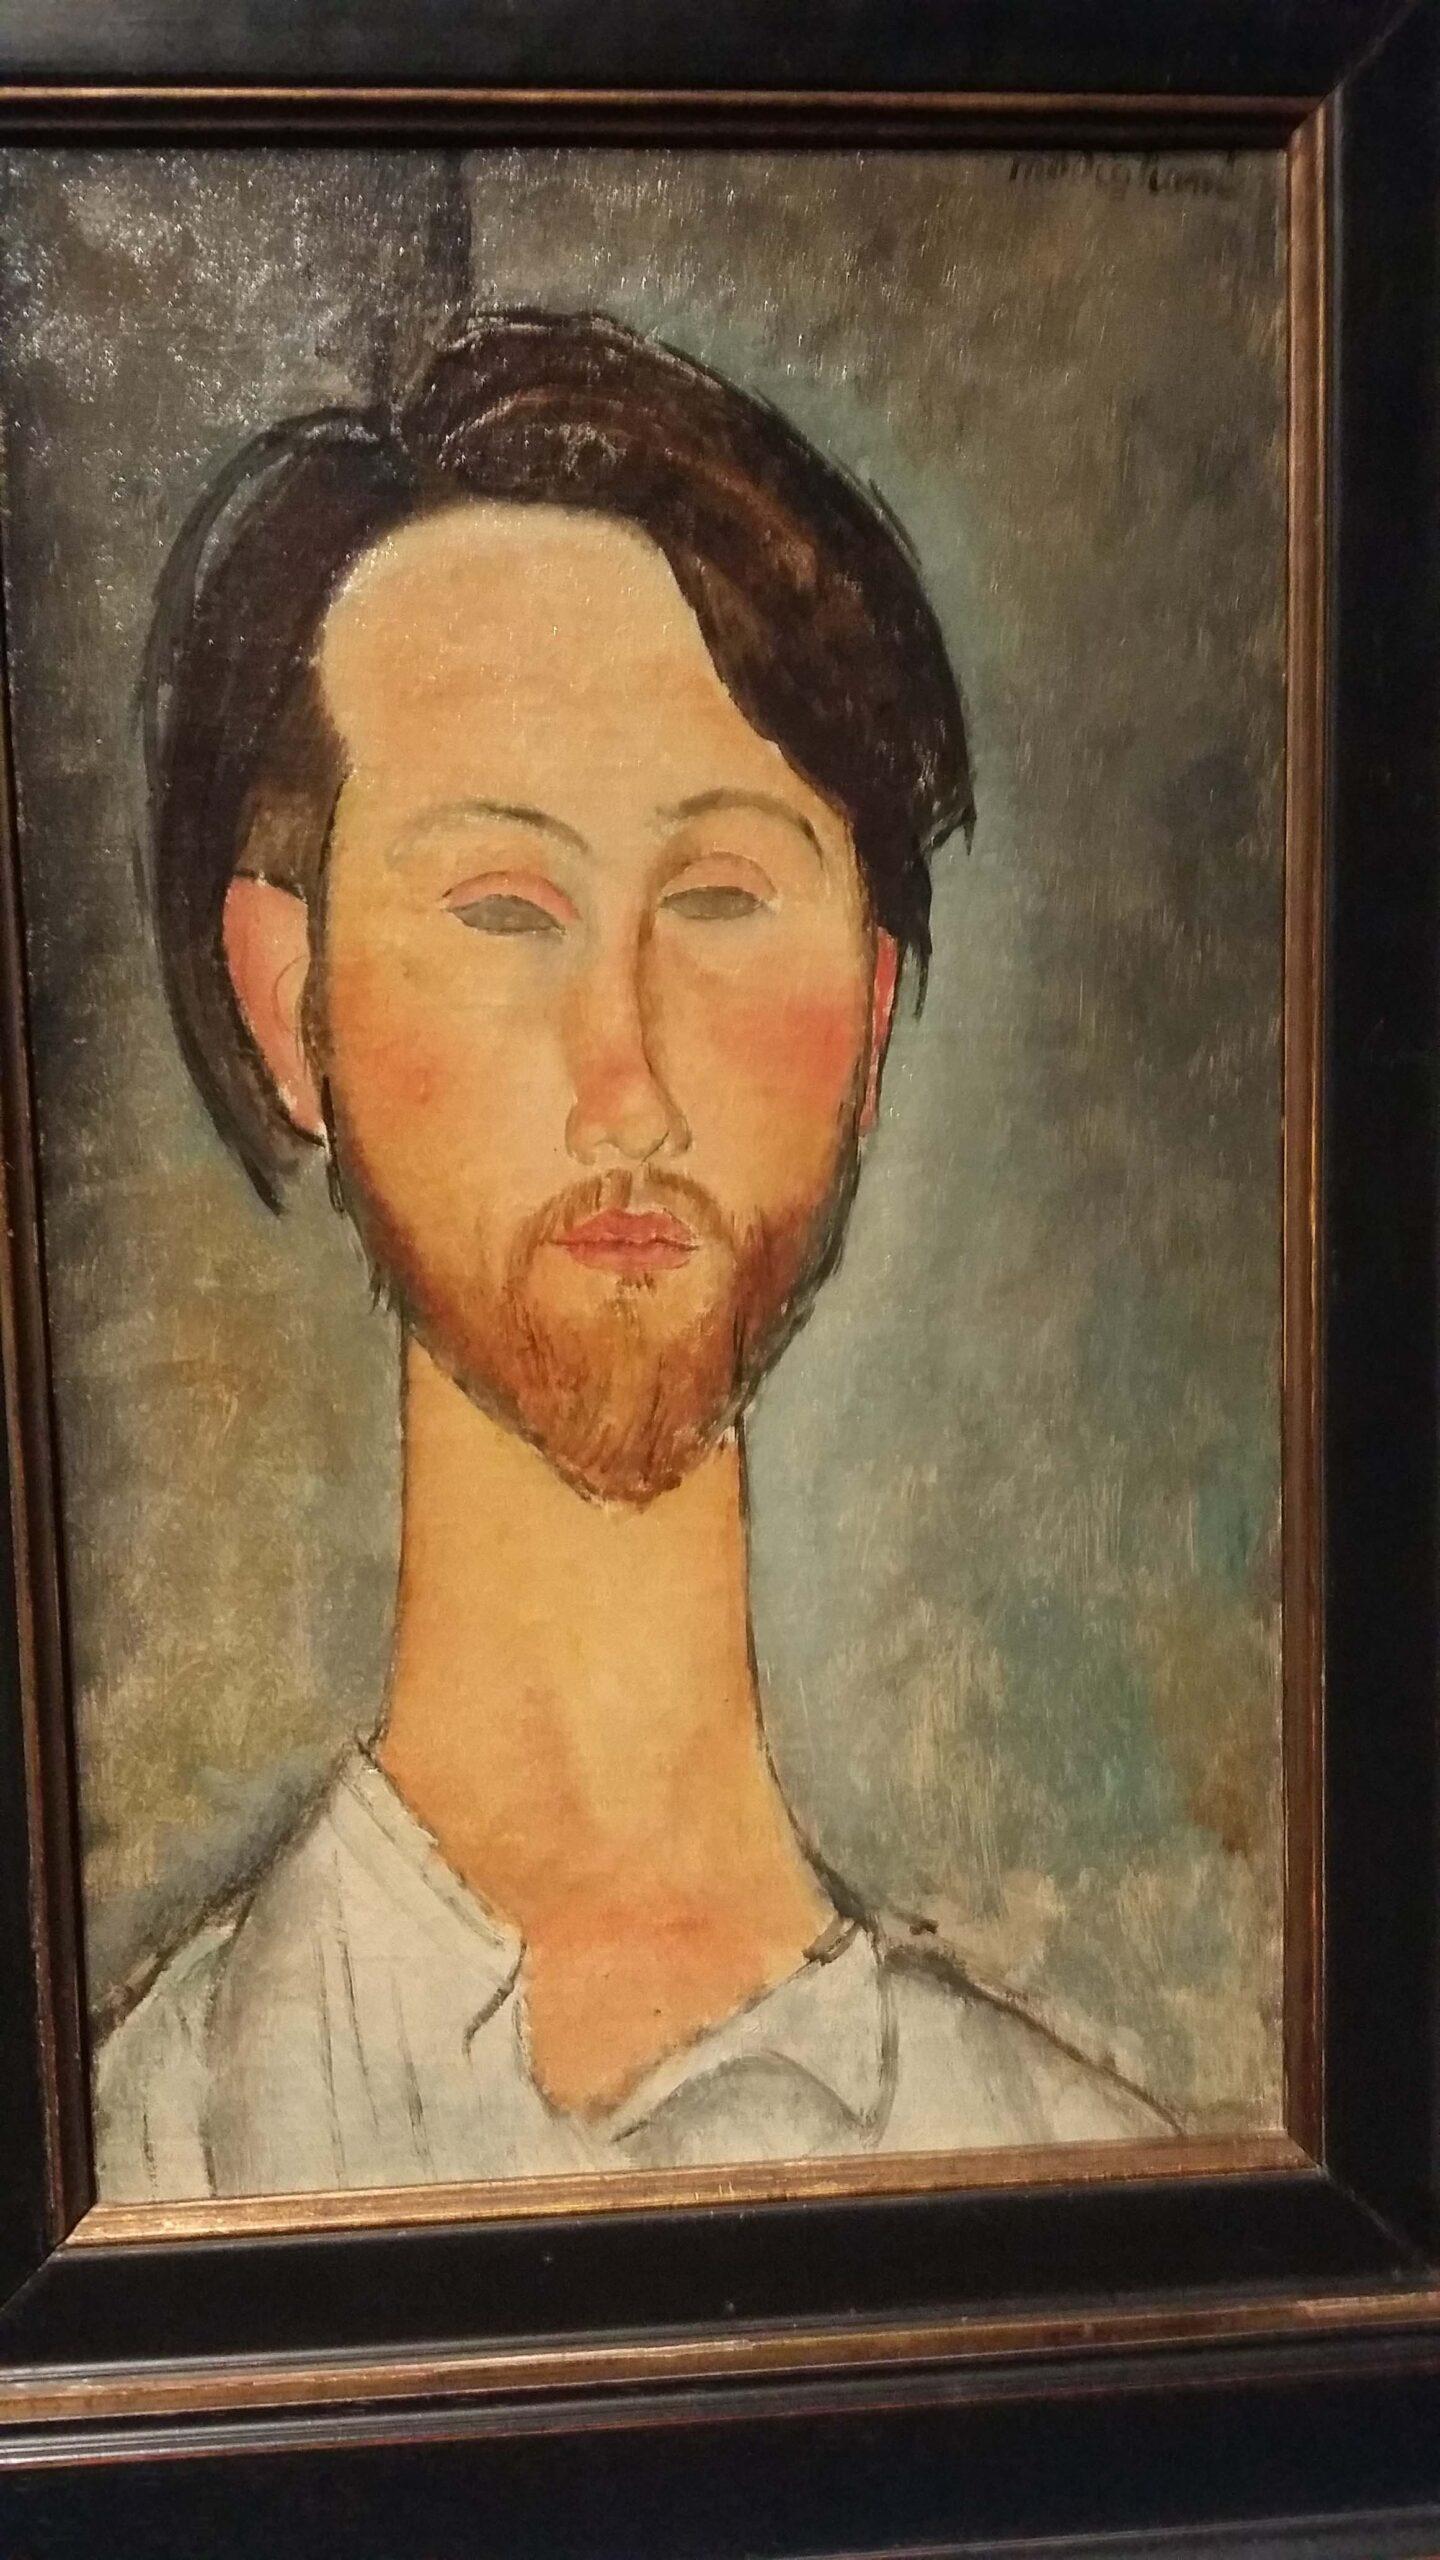 Turismo: la mostra di Modigliani a Livorno